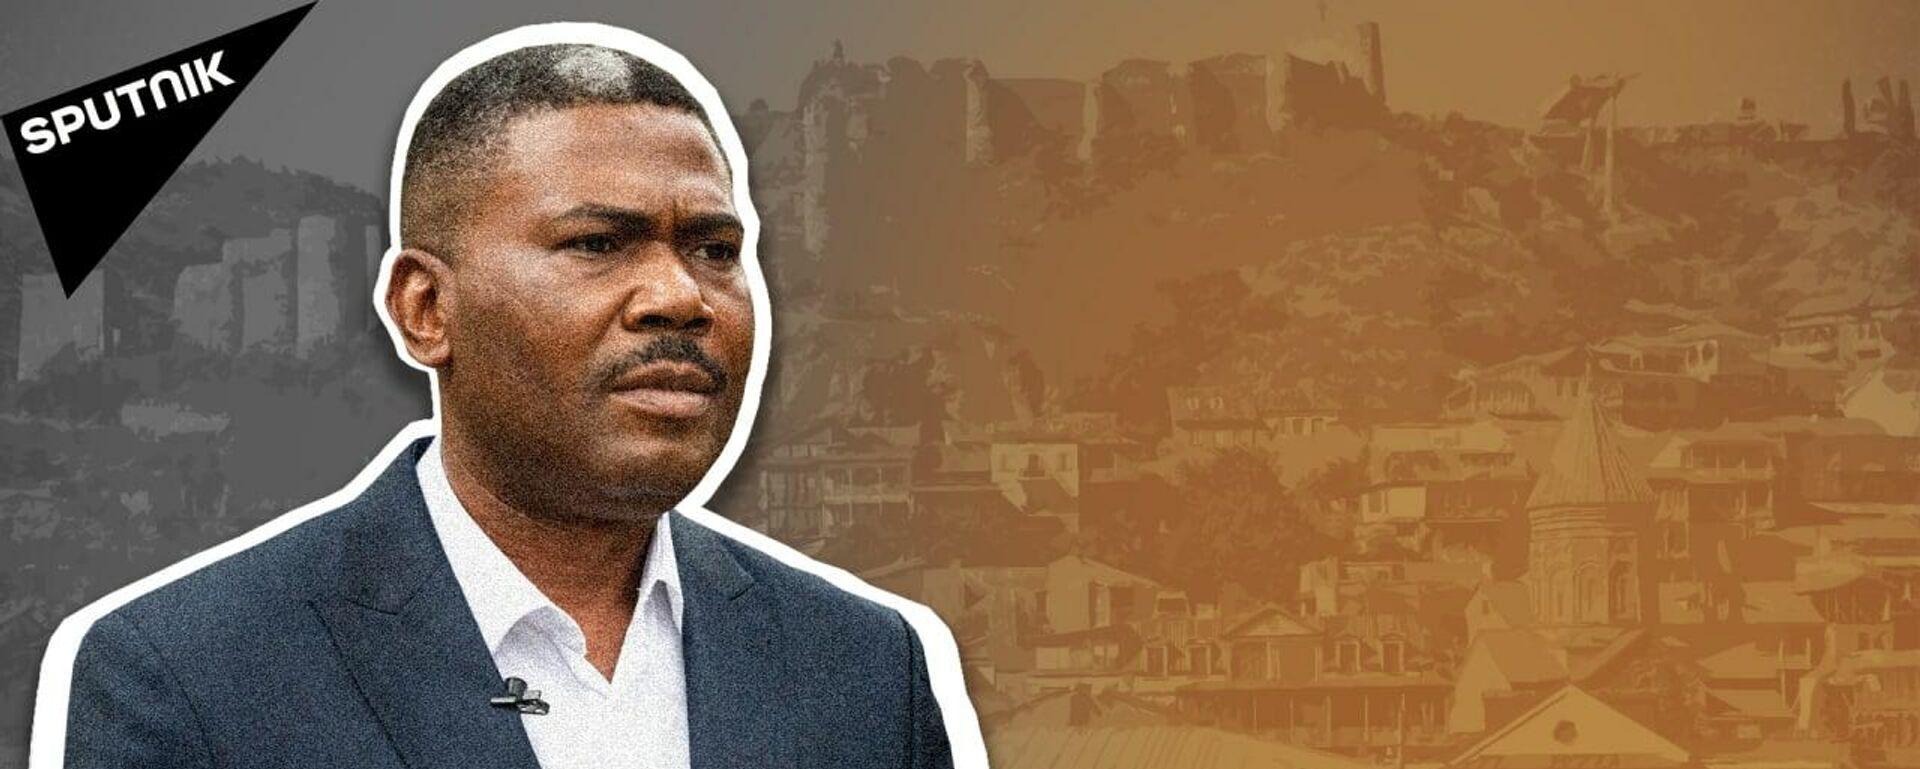 Бизнесмен из Нигерии рассказал, почему решил стать мэром столицы Грузии - Sputnik Грузия, 1920, 27.09.2021